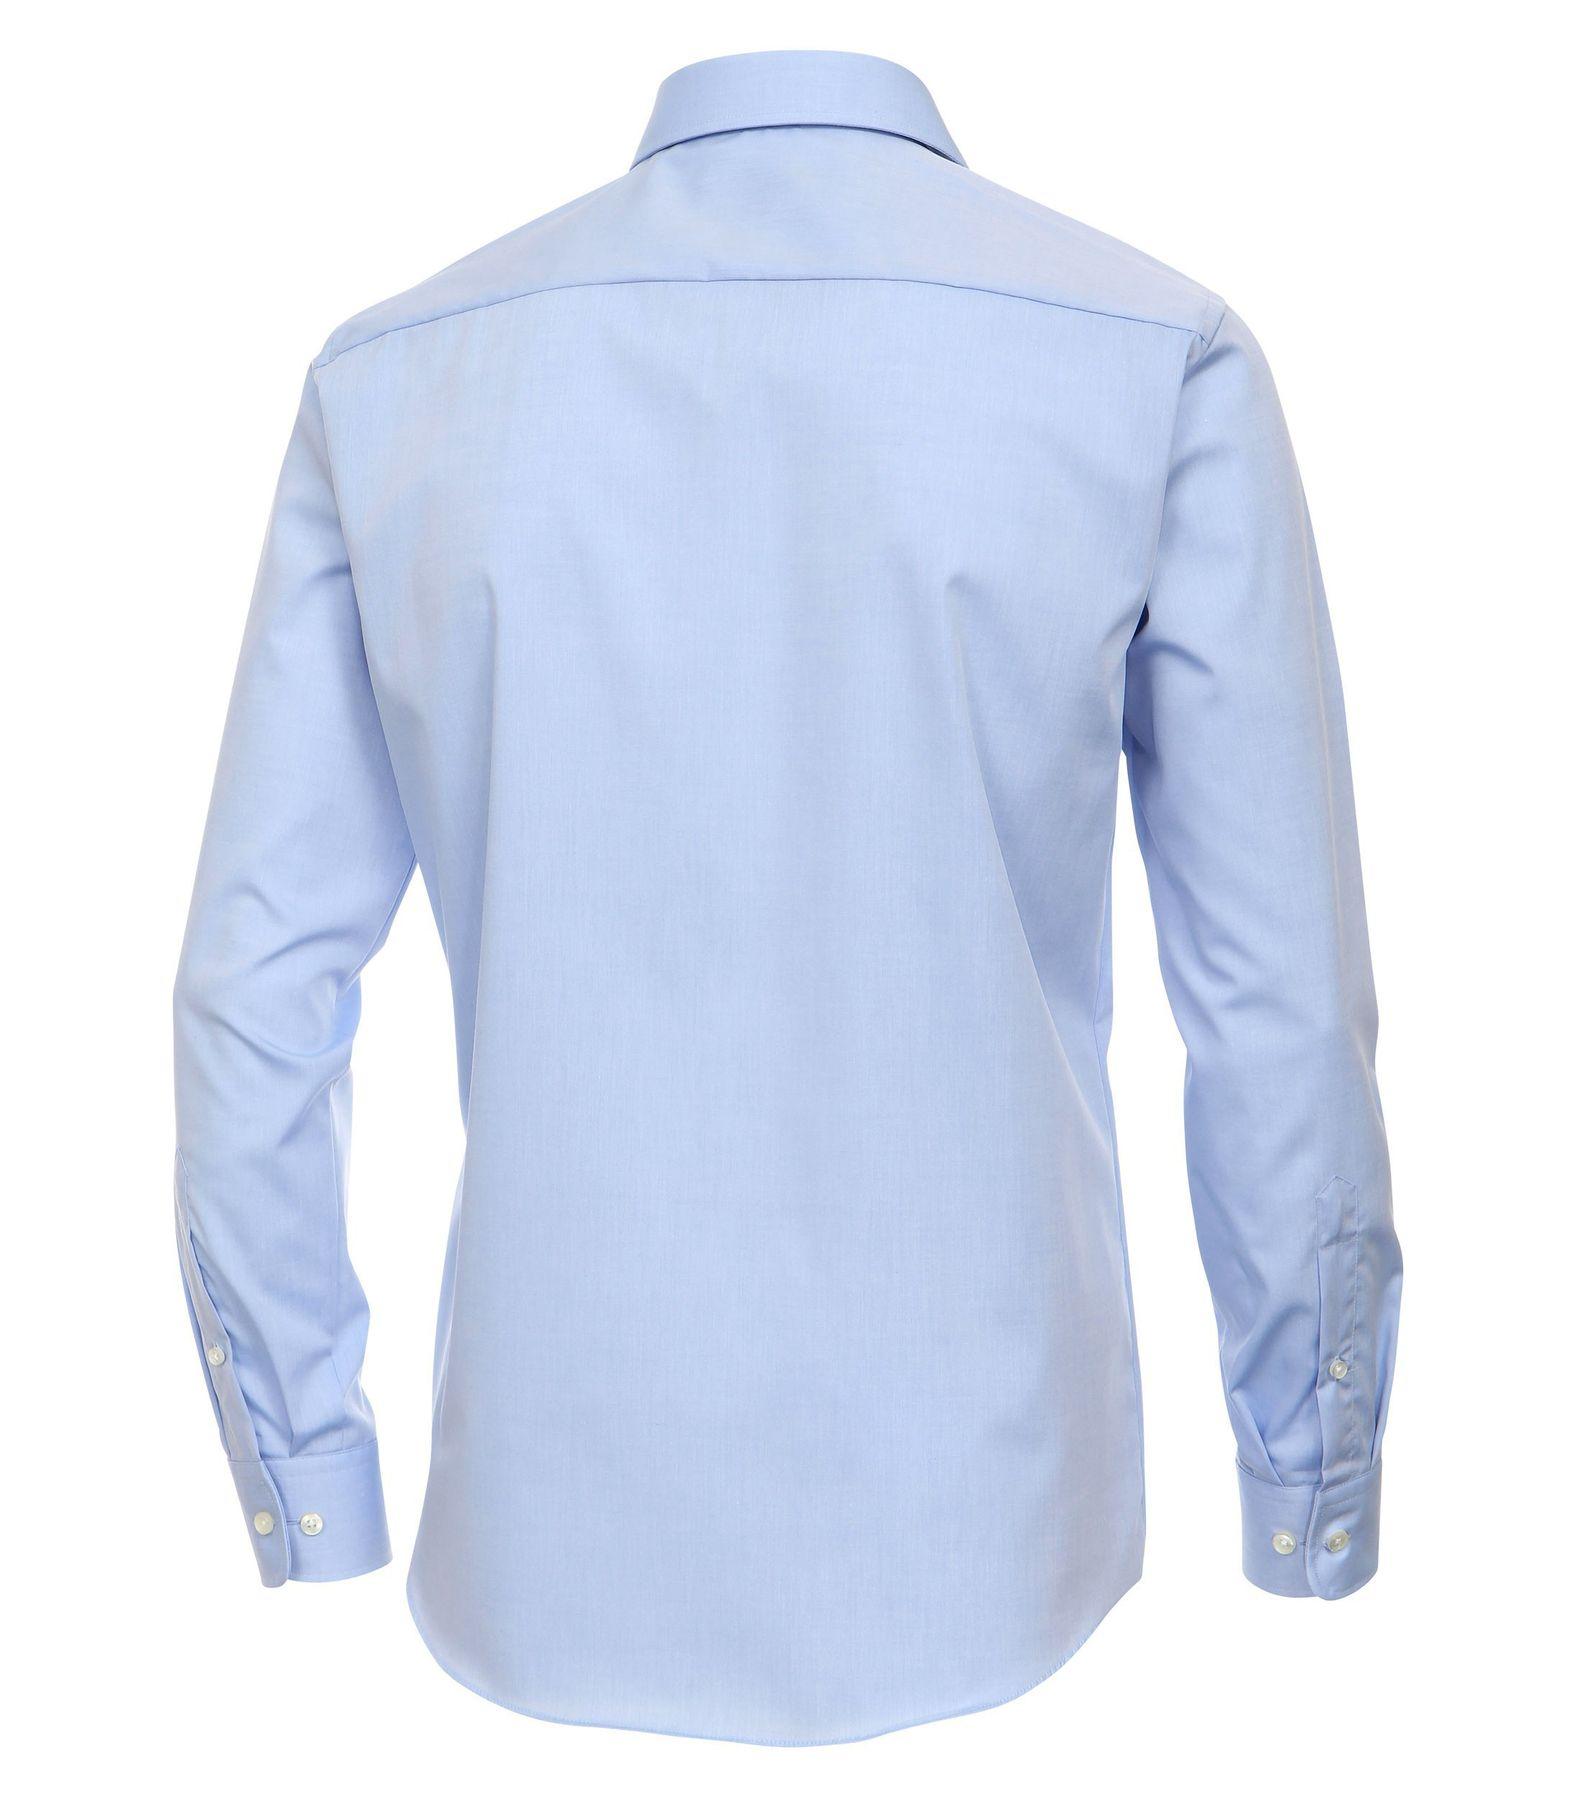 Casa Moda - Modern Fit - Bügelfreies Herren Business Hemd mit Extra langem Arm (72cm) in verschiedenen Farben (006562) – Bild 2